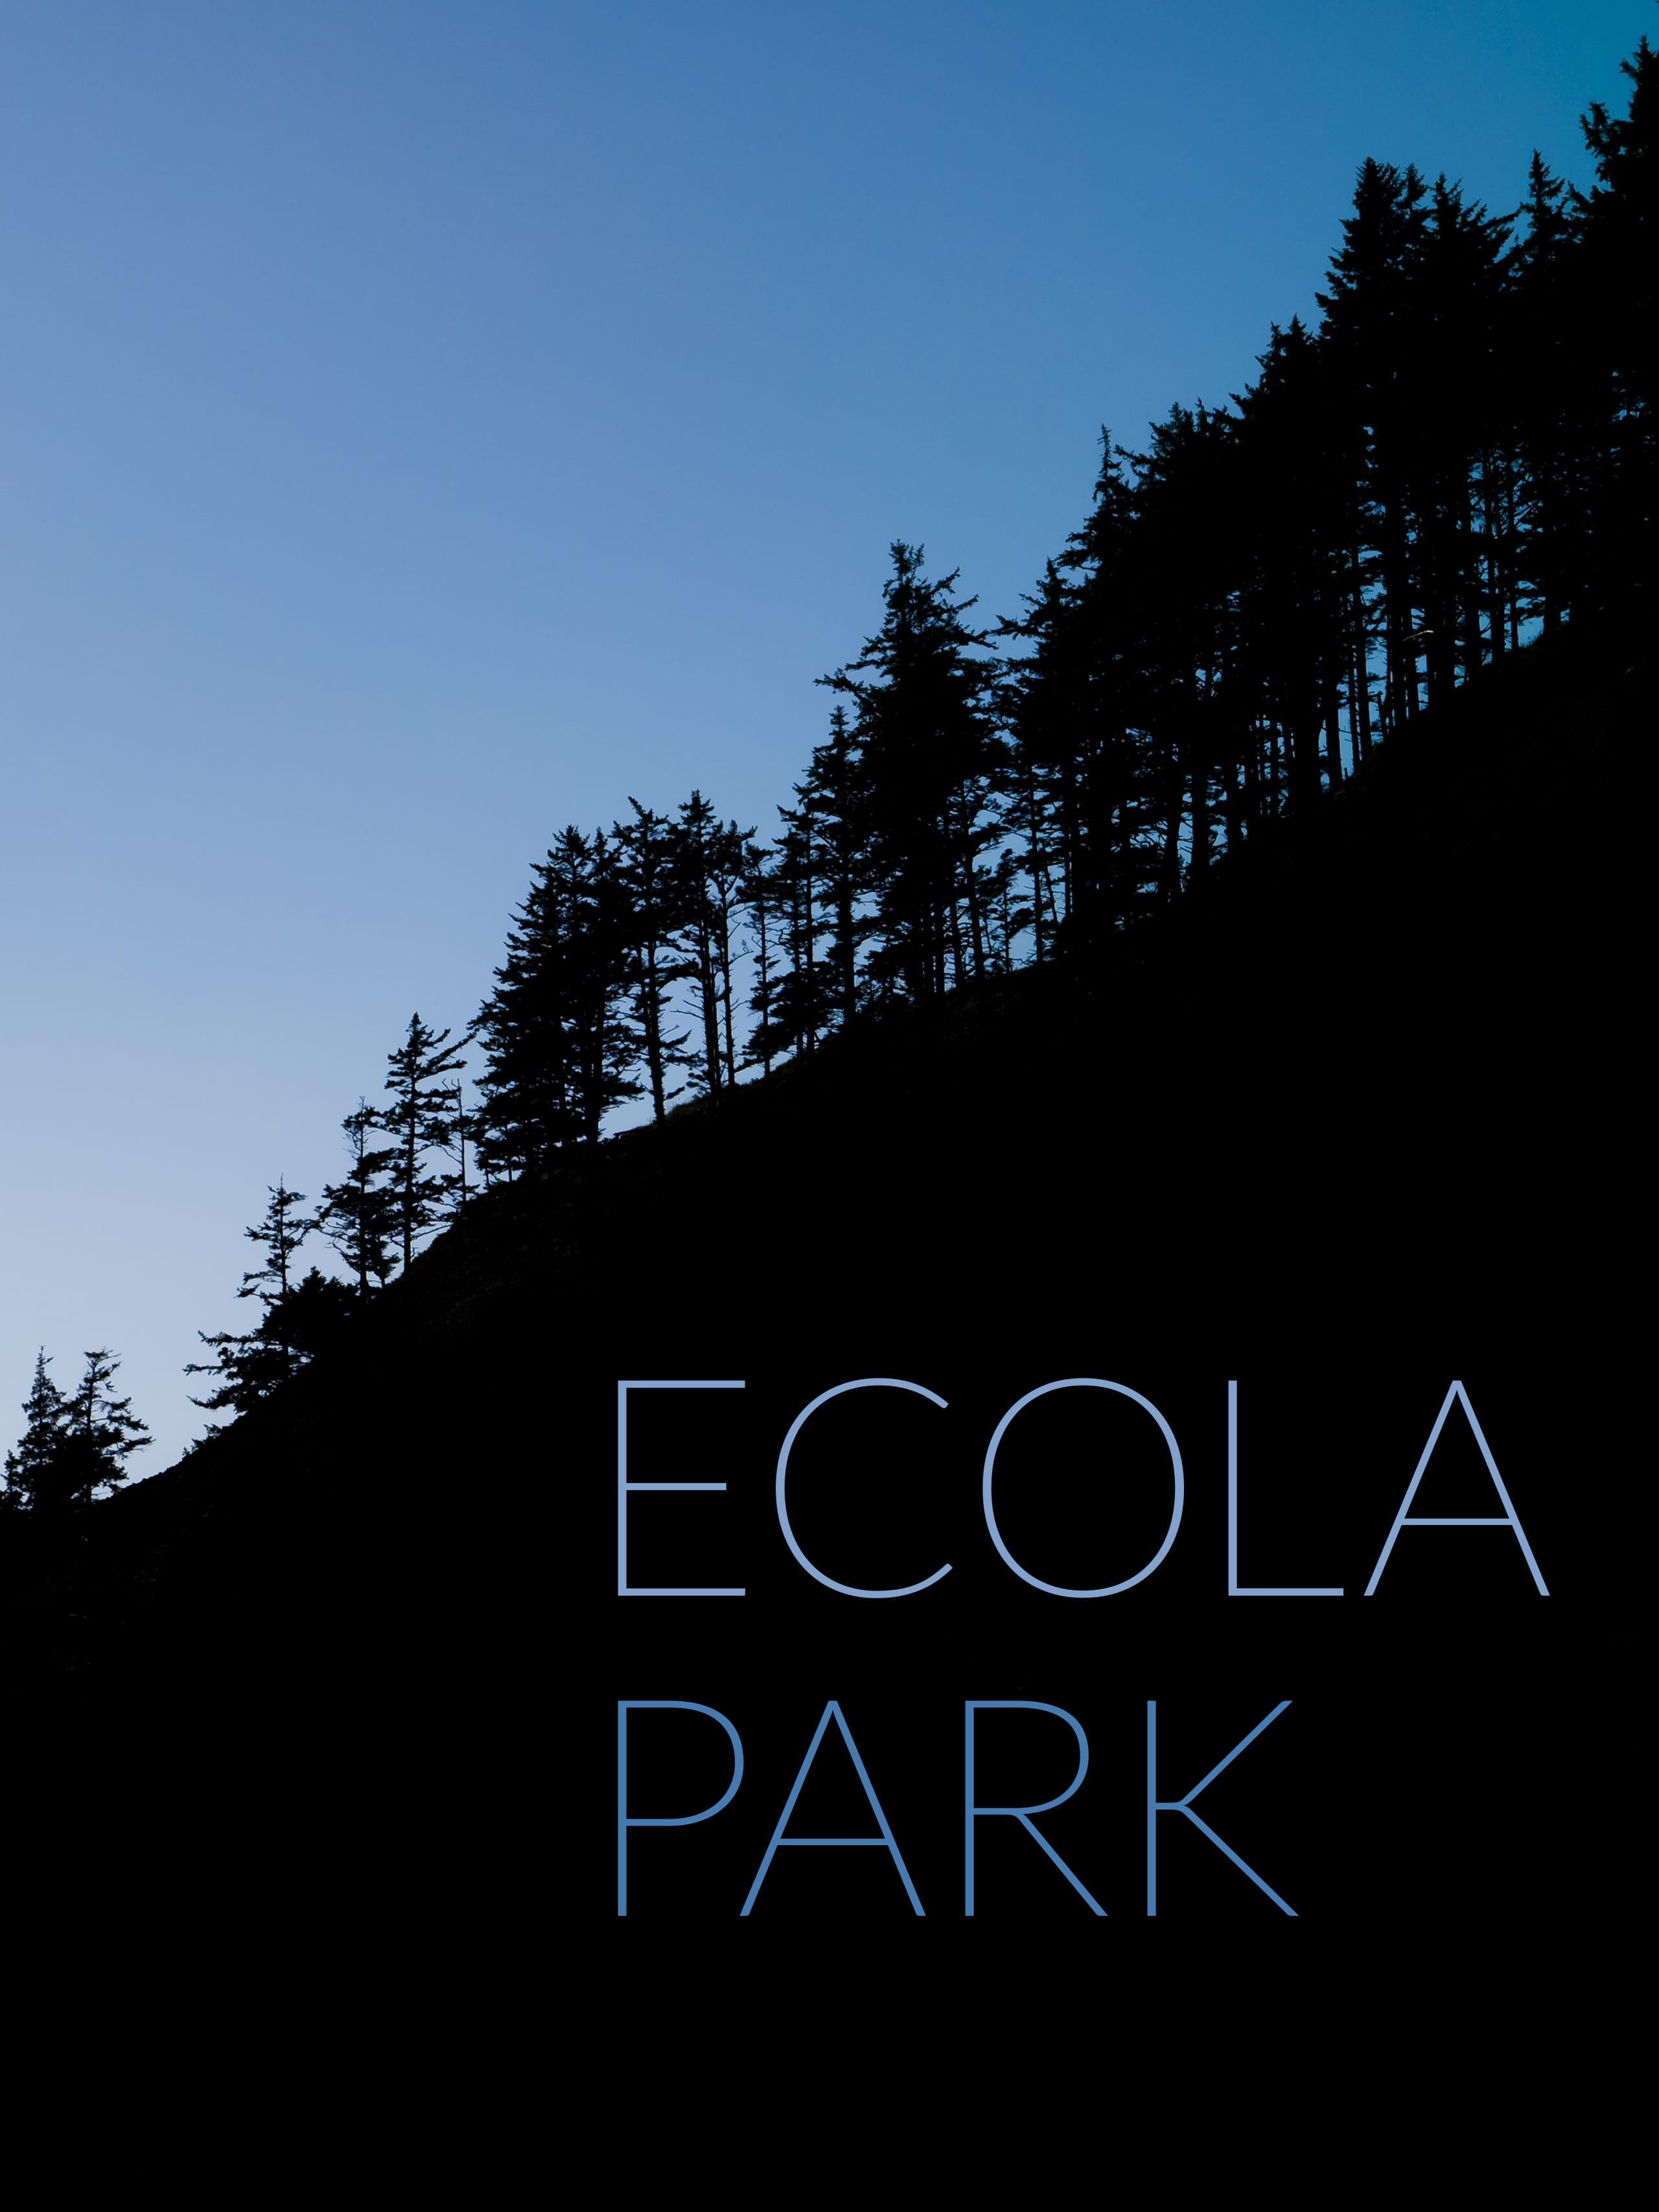 Ecola-Park